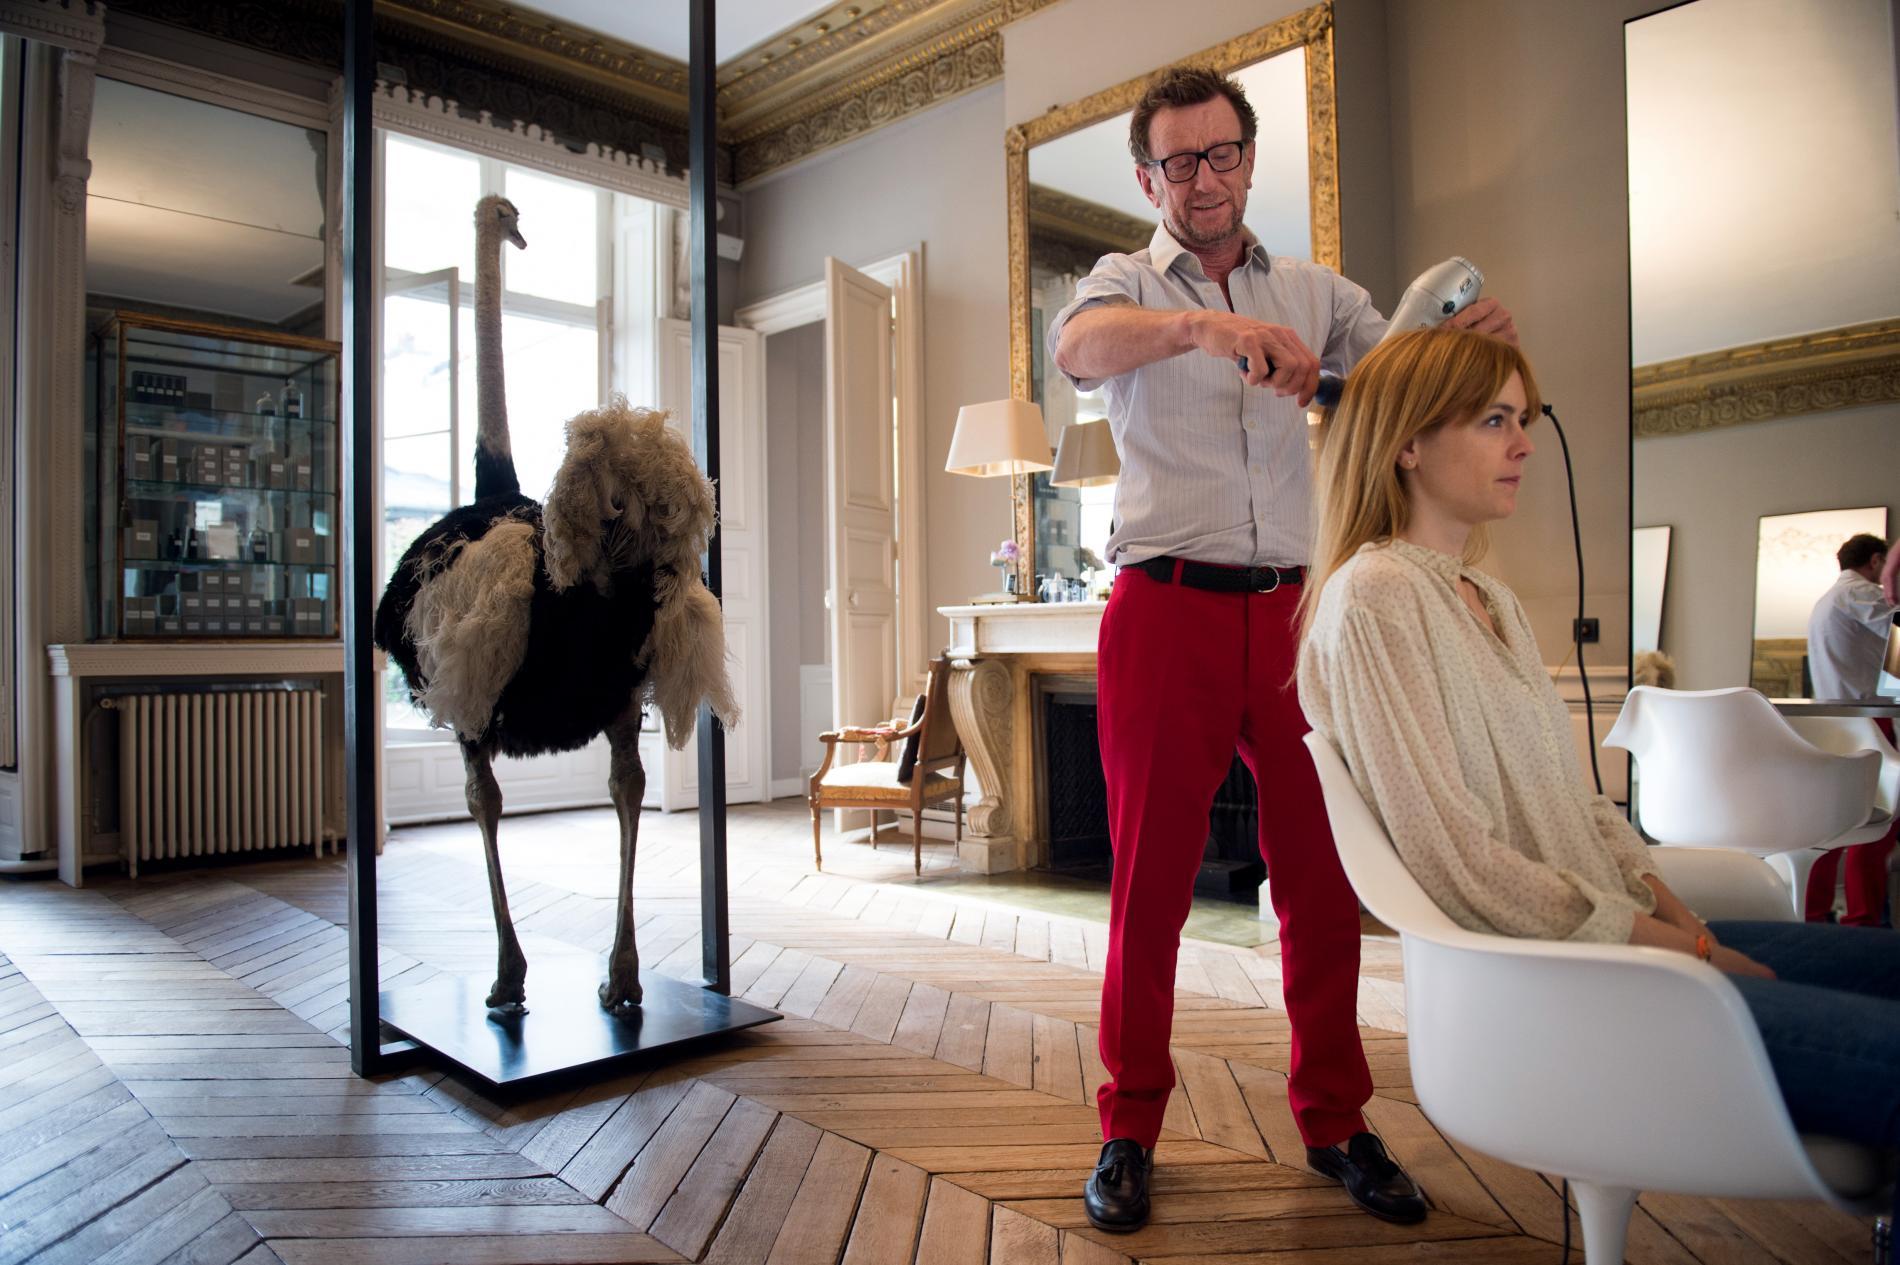 Meilleur coiffeur paris, je vous recommande de bonnes adresses